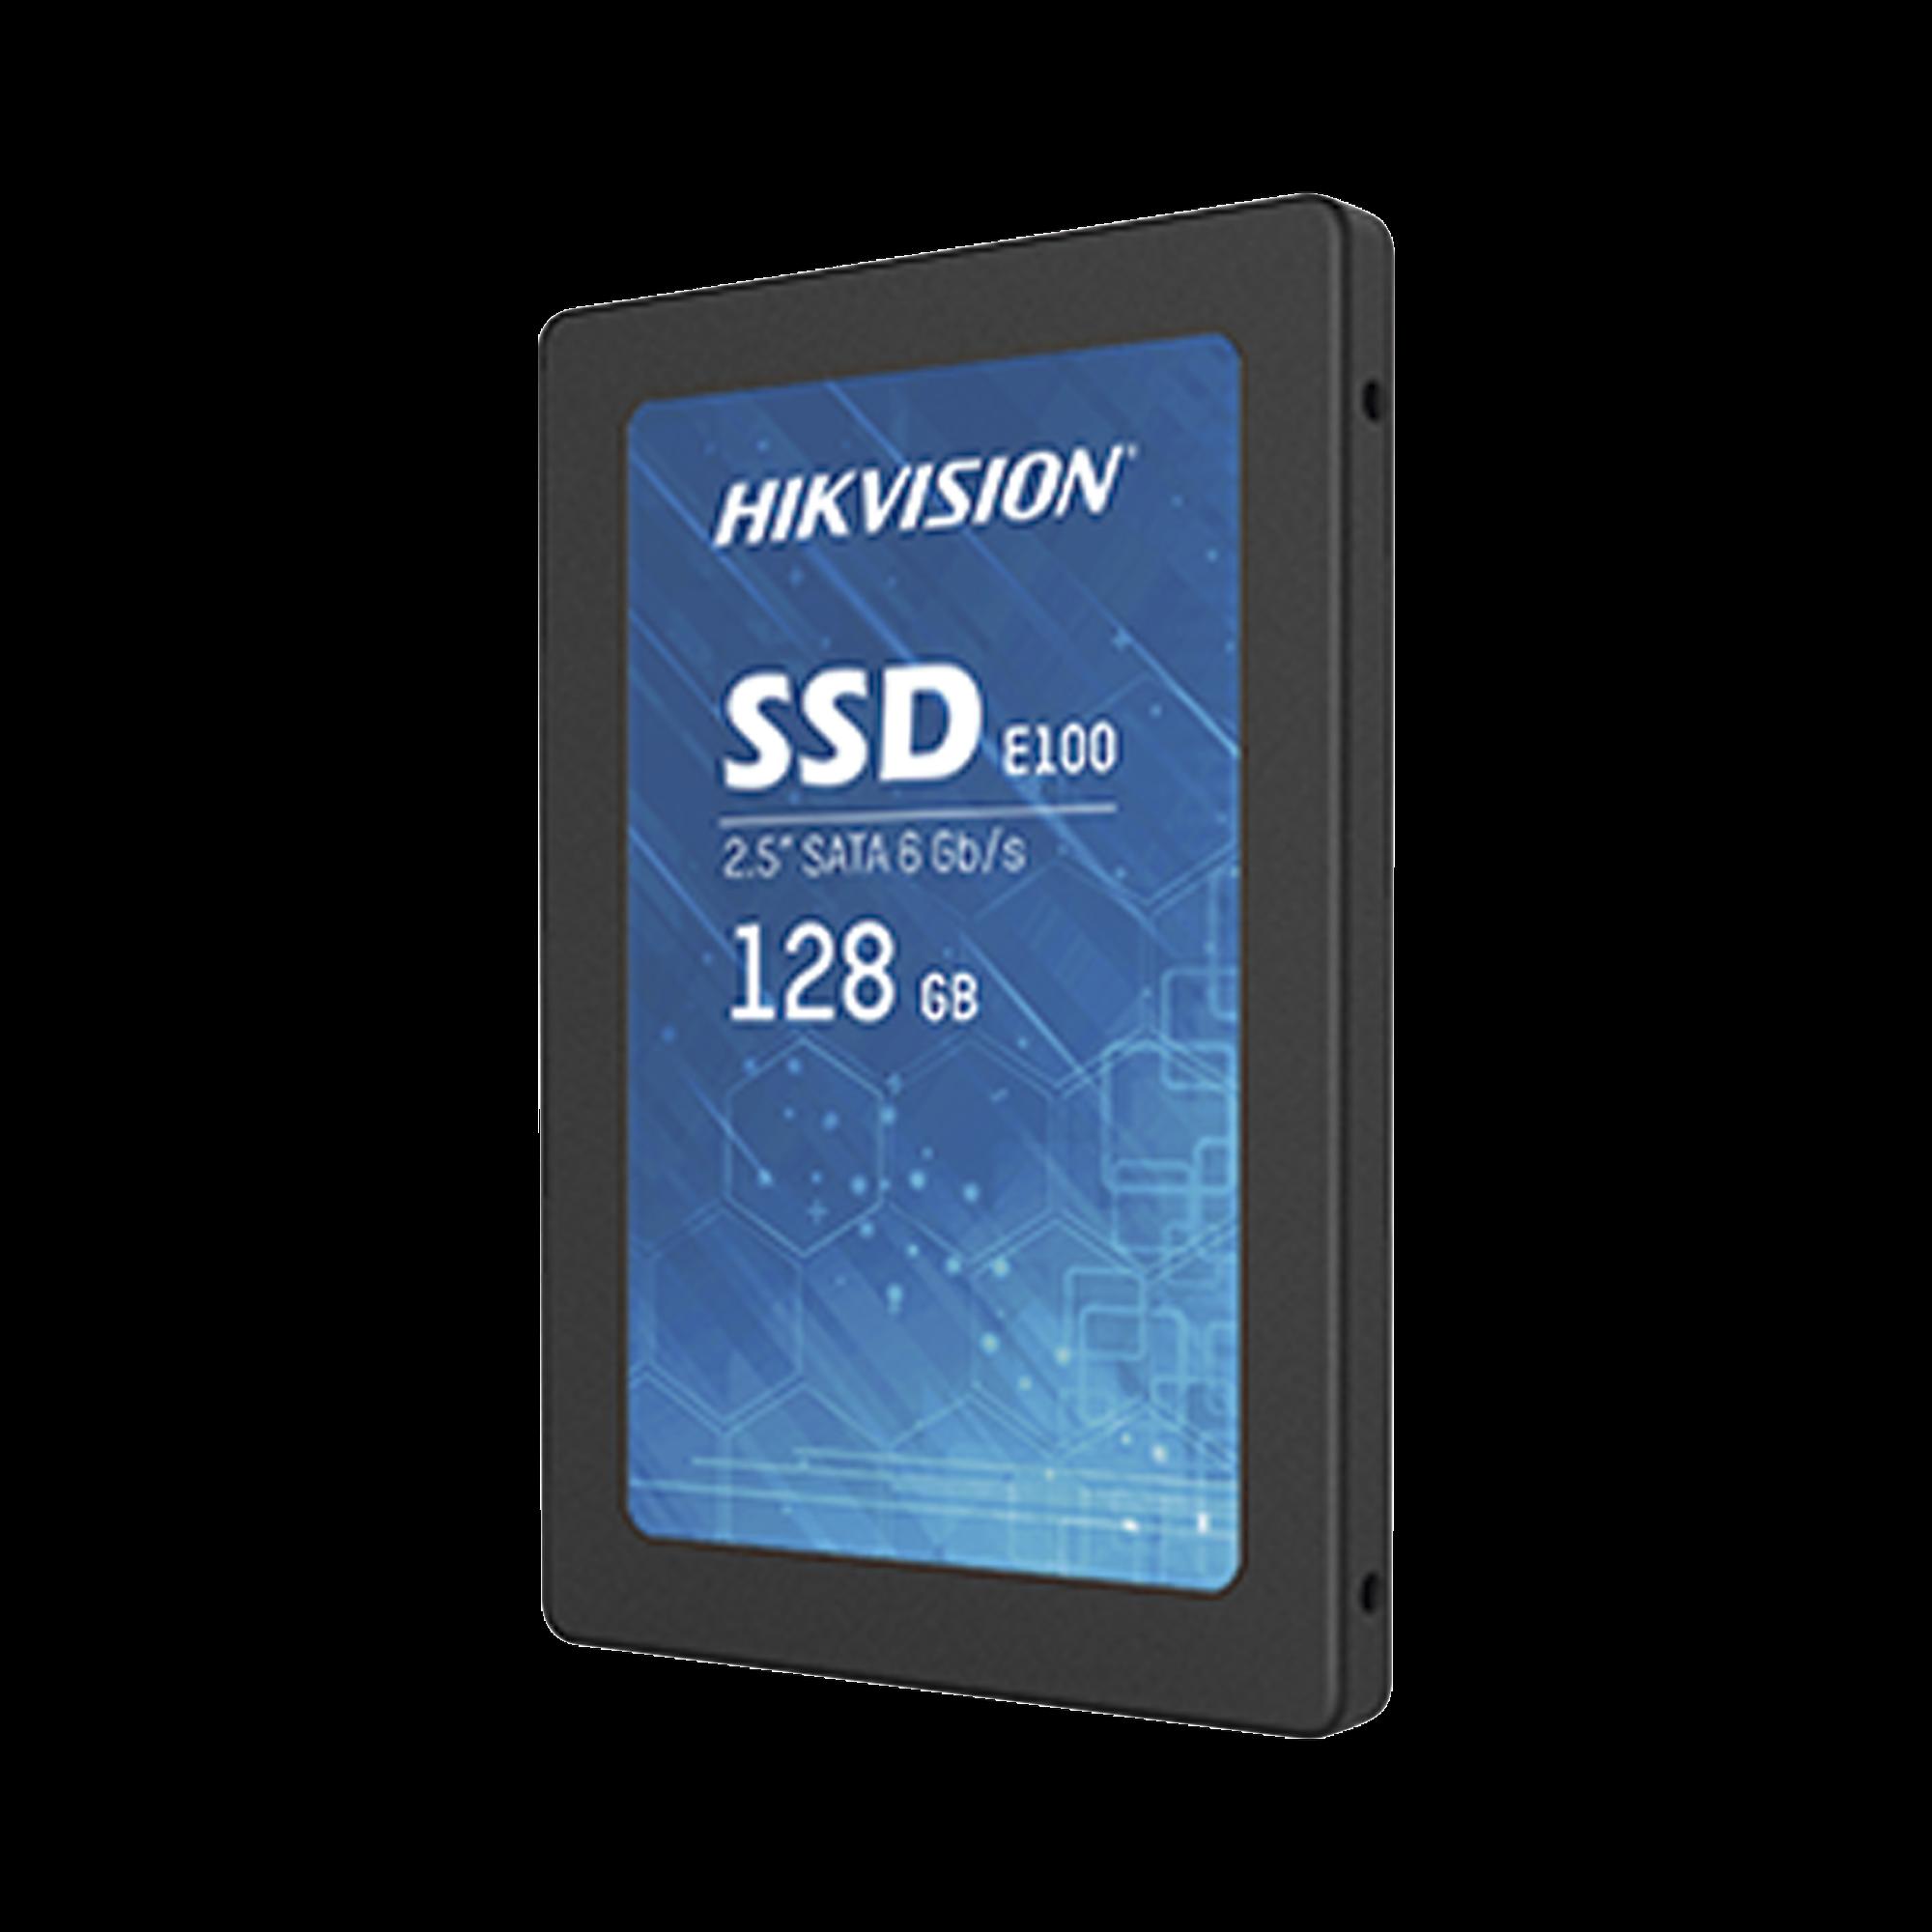 Unidad de Estado Solido (SSD) 128 GB / 2.5 / ALTO PERFORMANCE / Para Gaming y PC Trabajo Pesado